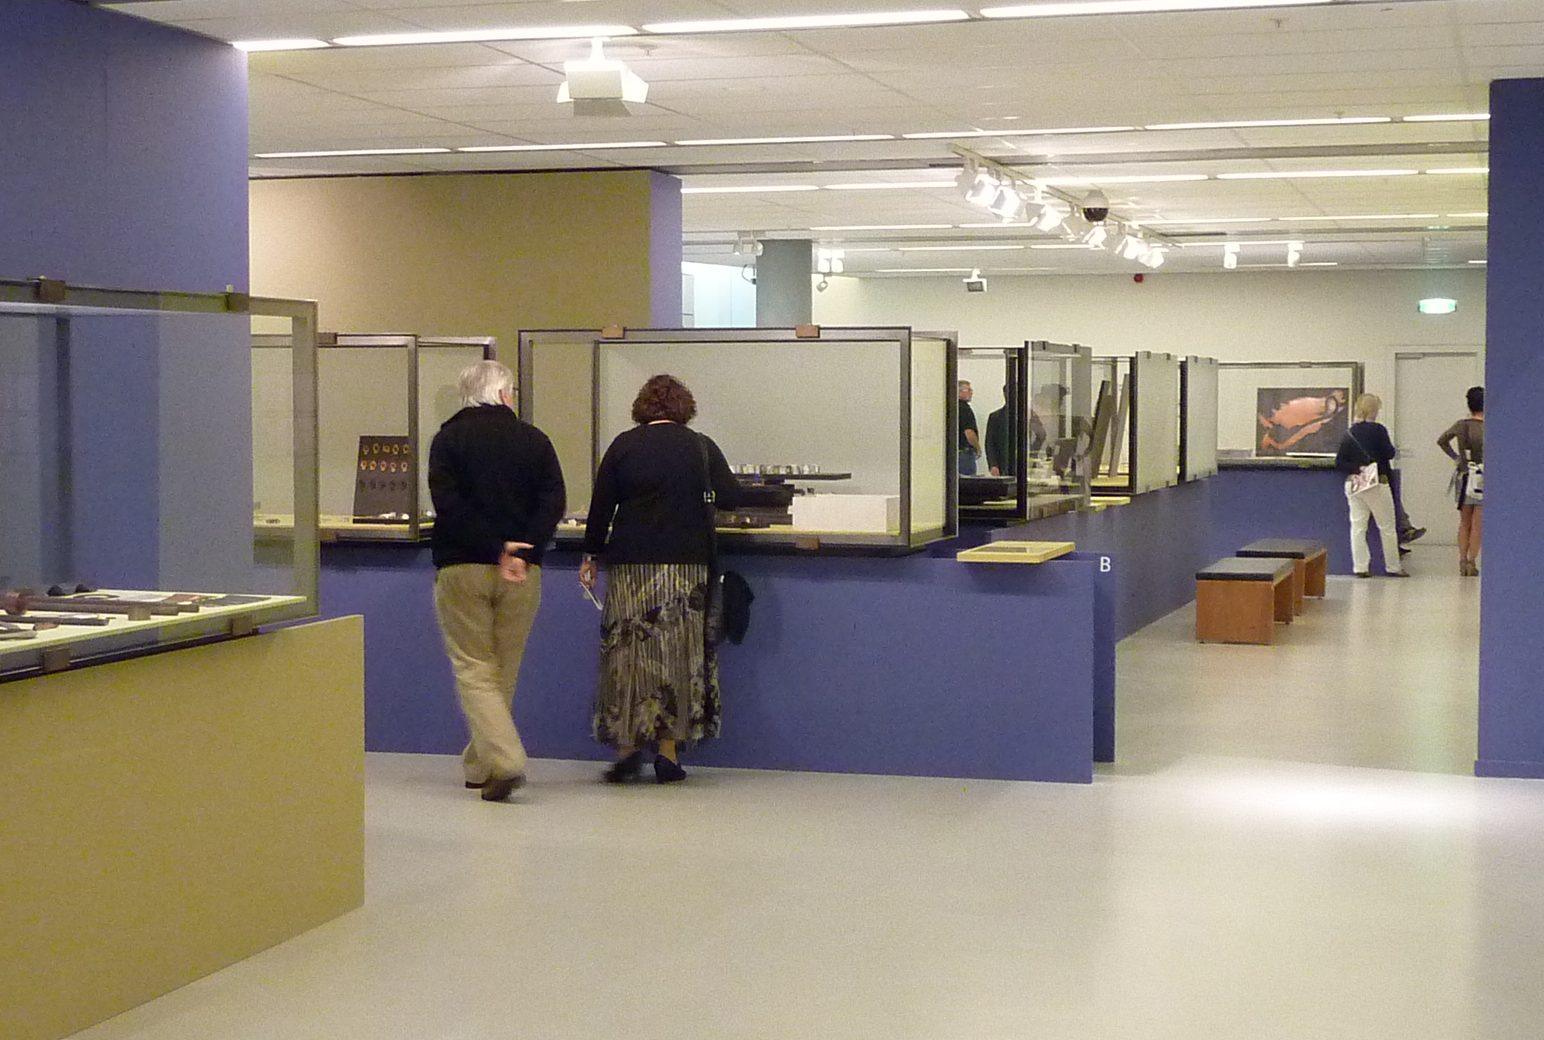 Inrichting Werk in uitvoering door Ward Schrijver, 2010. Foto met dank aan Ward Schrijver©